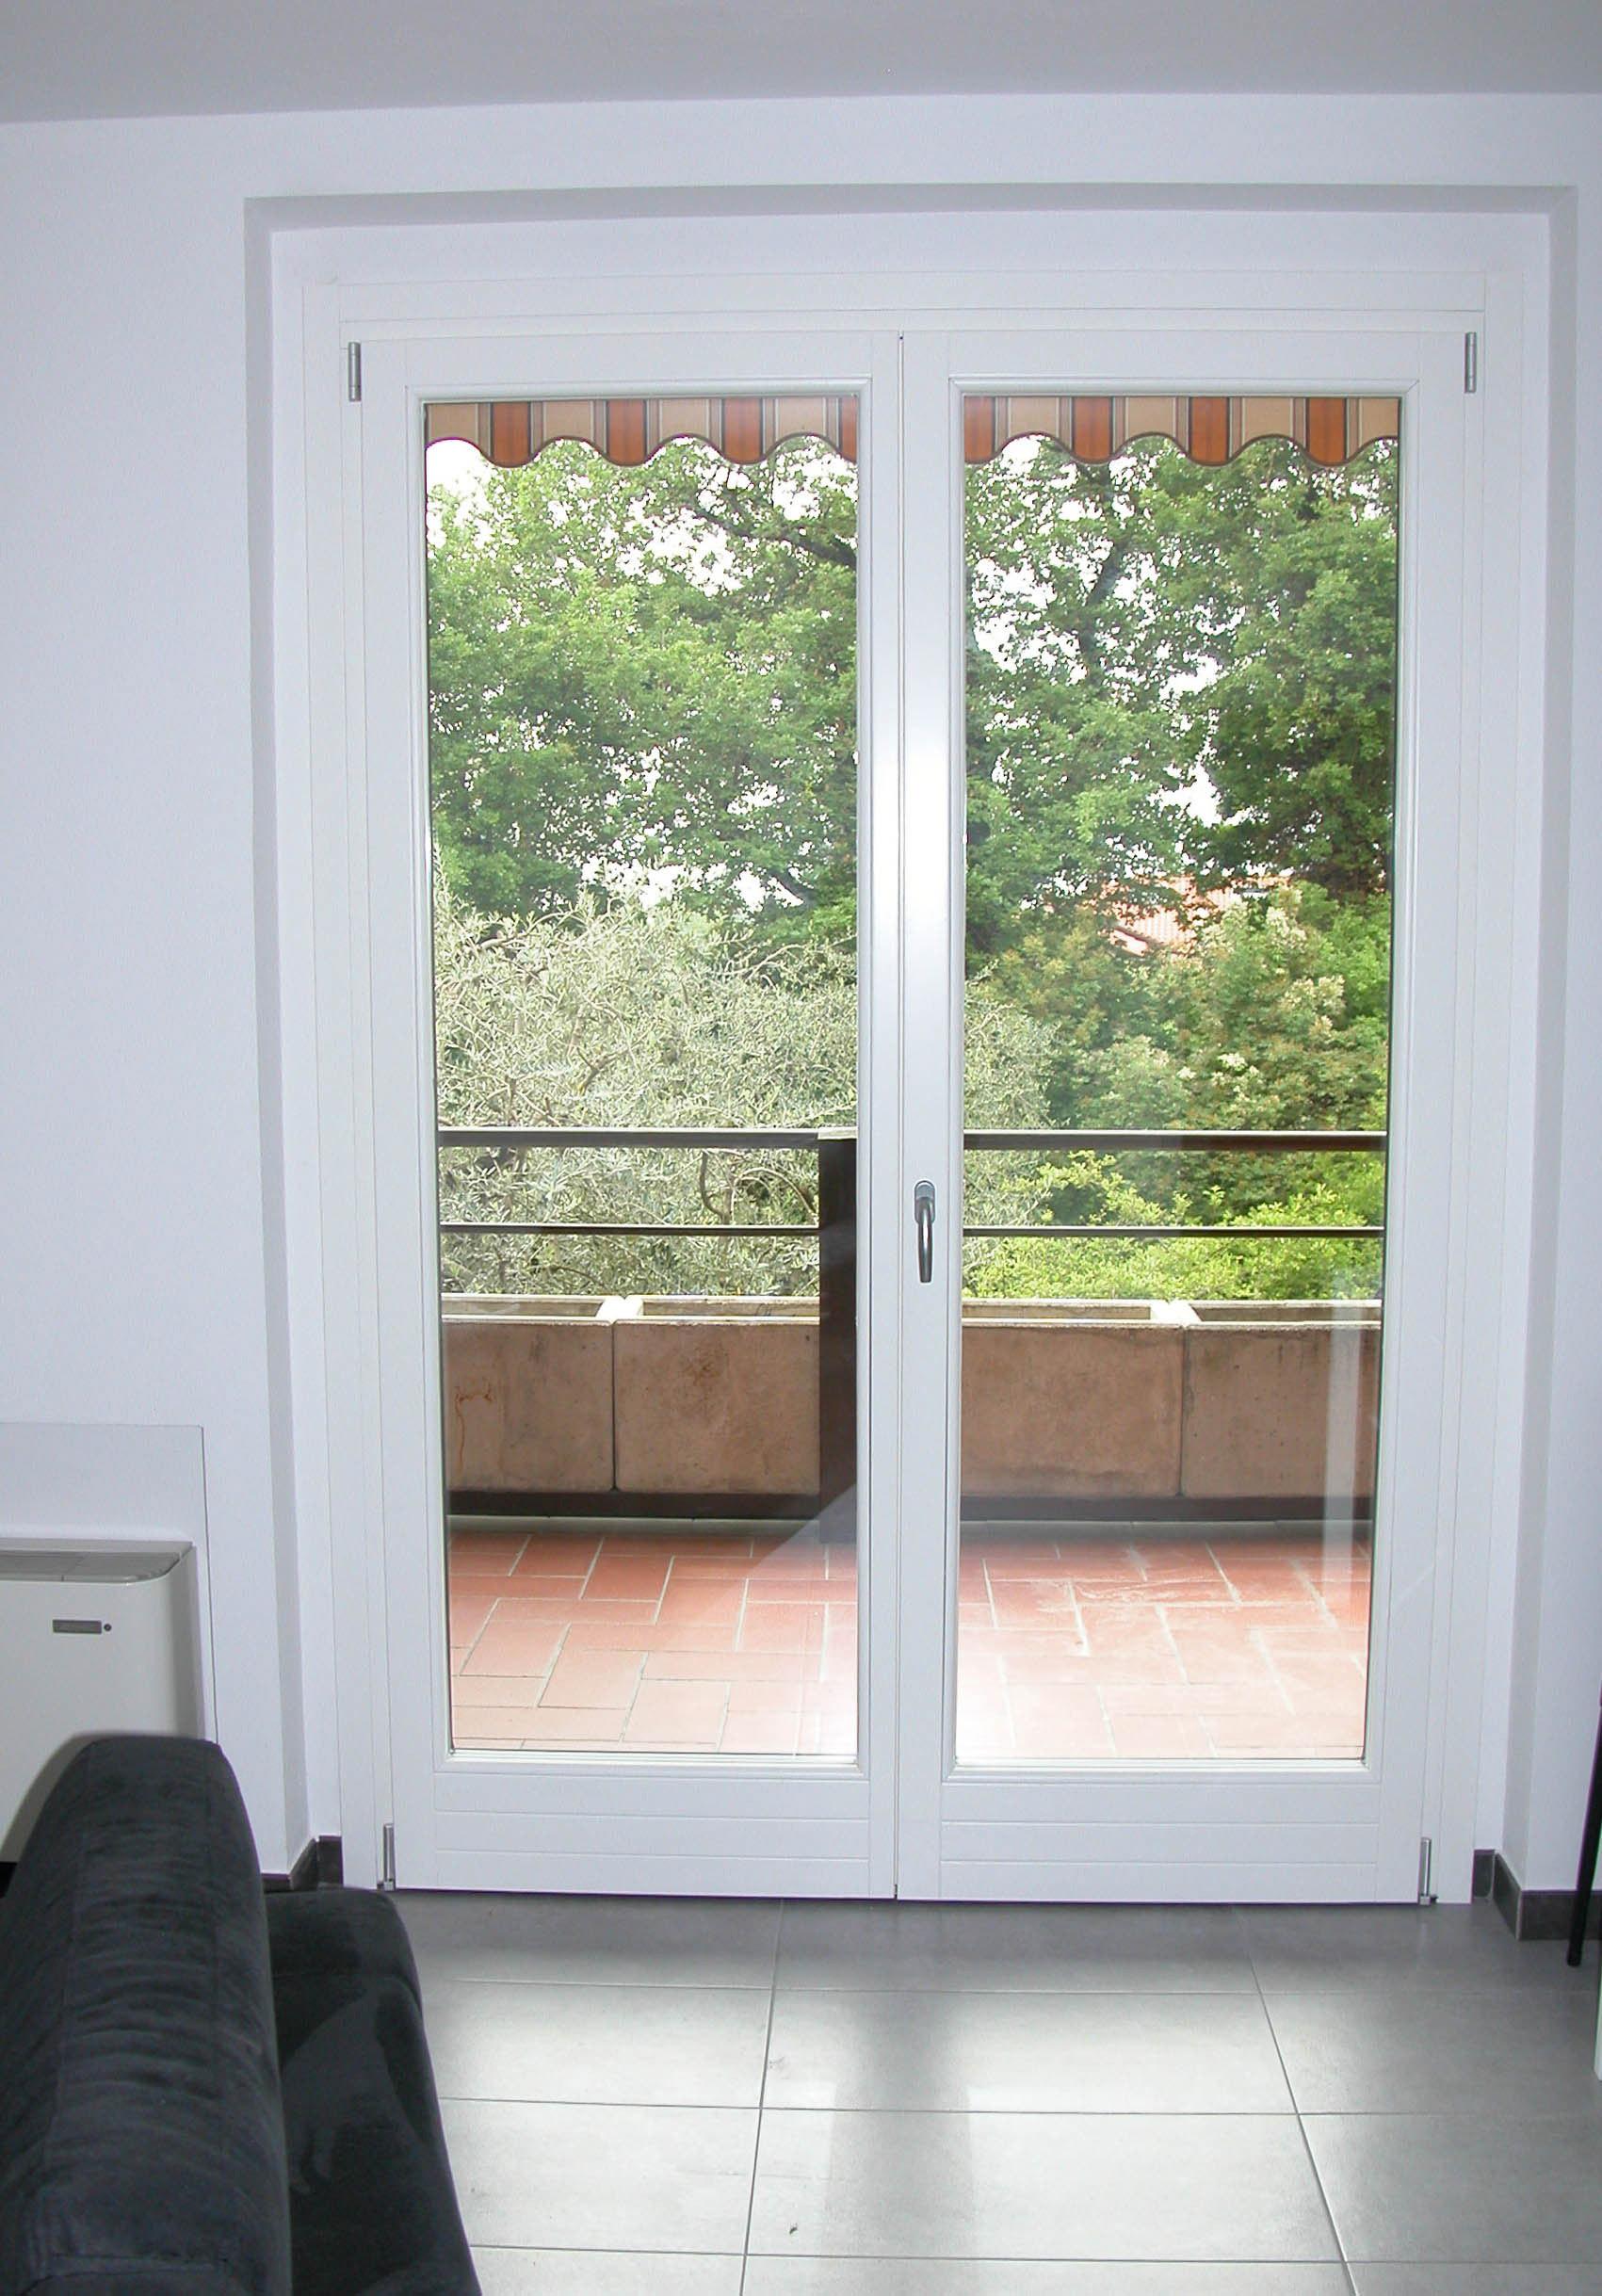 Pf2 porta finestra in legno alluminio a due ante g tabarini - Finestre di legno prezzi ...